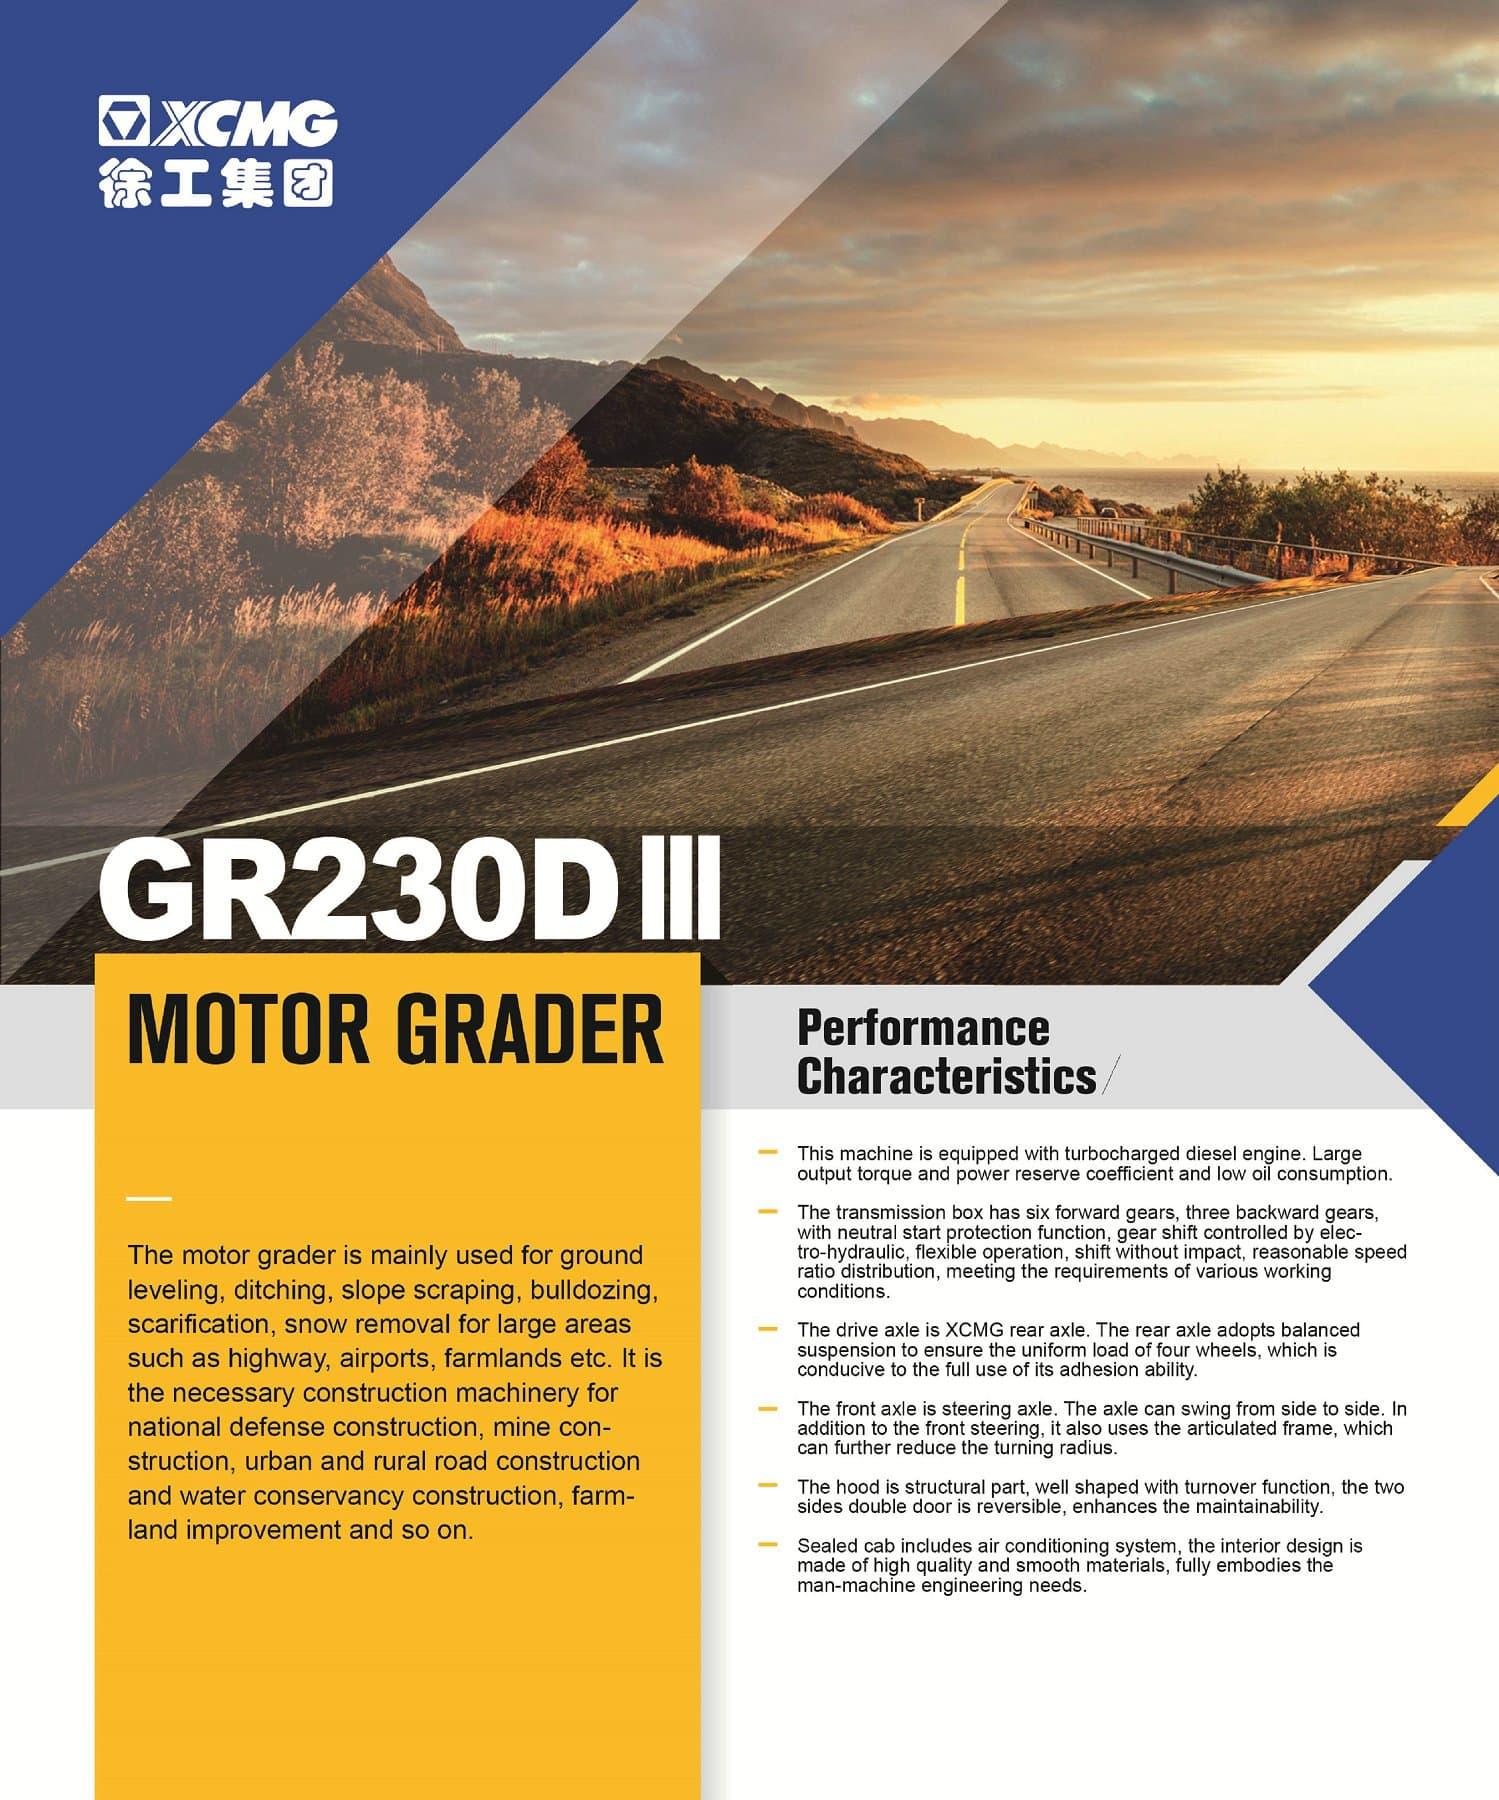 XCMG Official Motor Grader GR230DⅢ For Sale